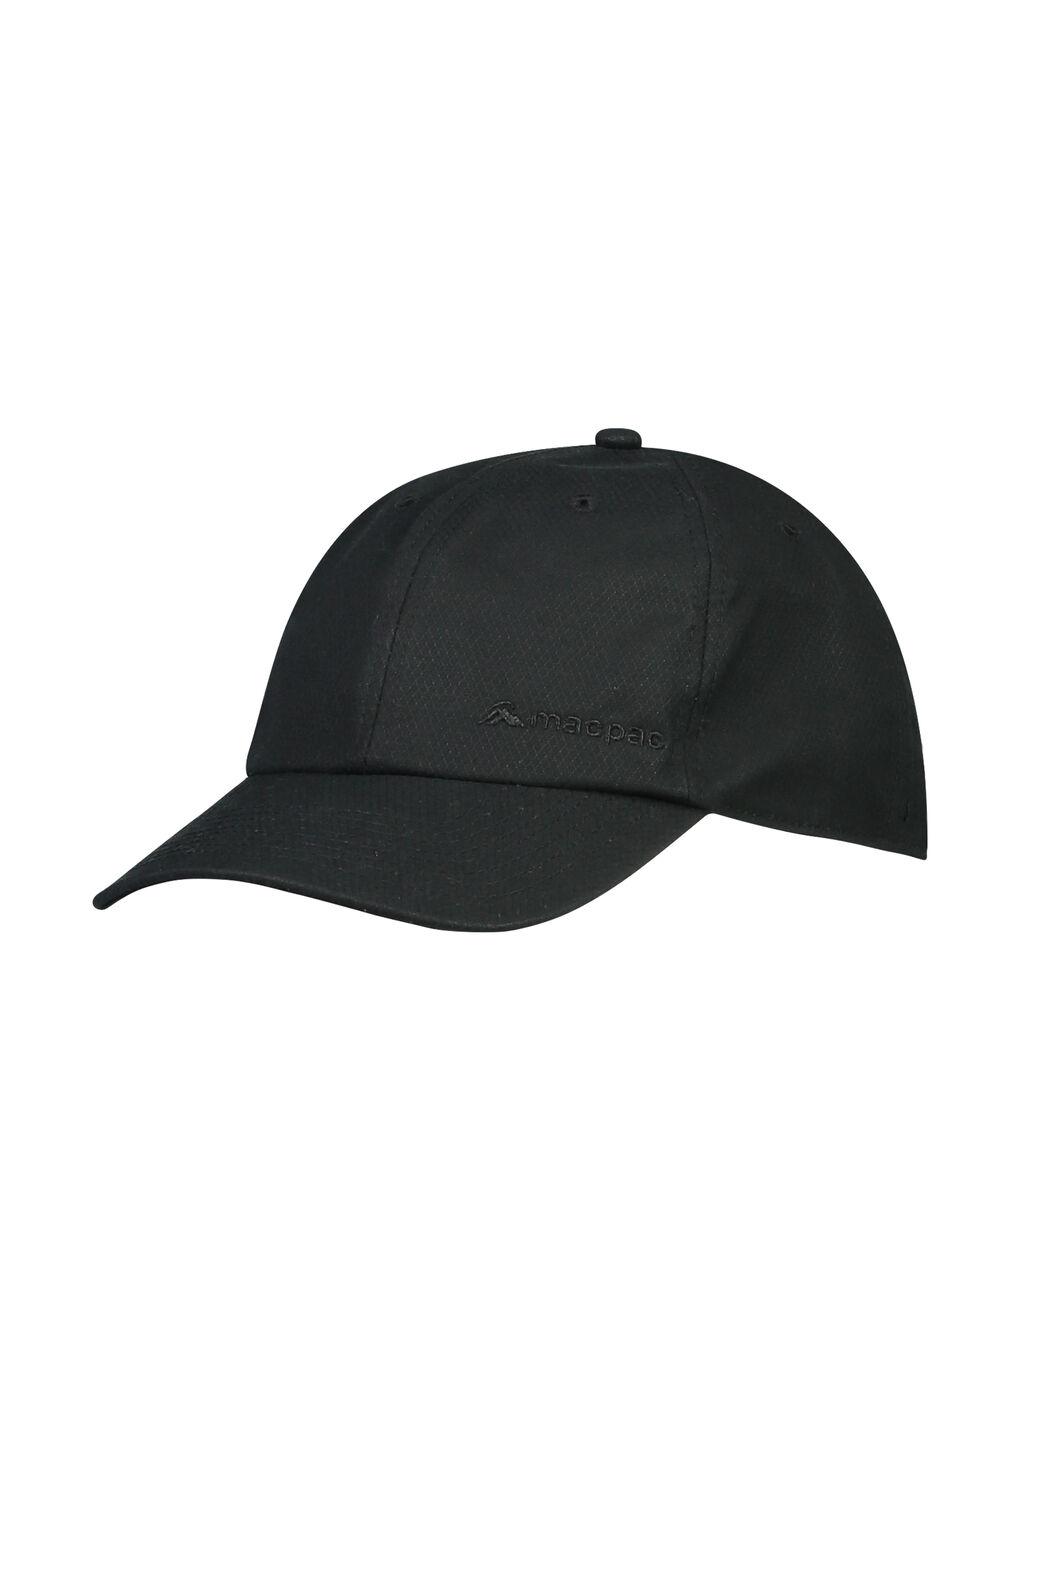 Macpac Cascade Cap, Black, hi-res